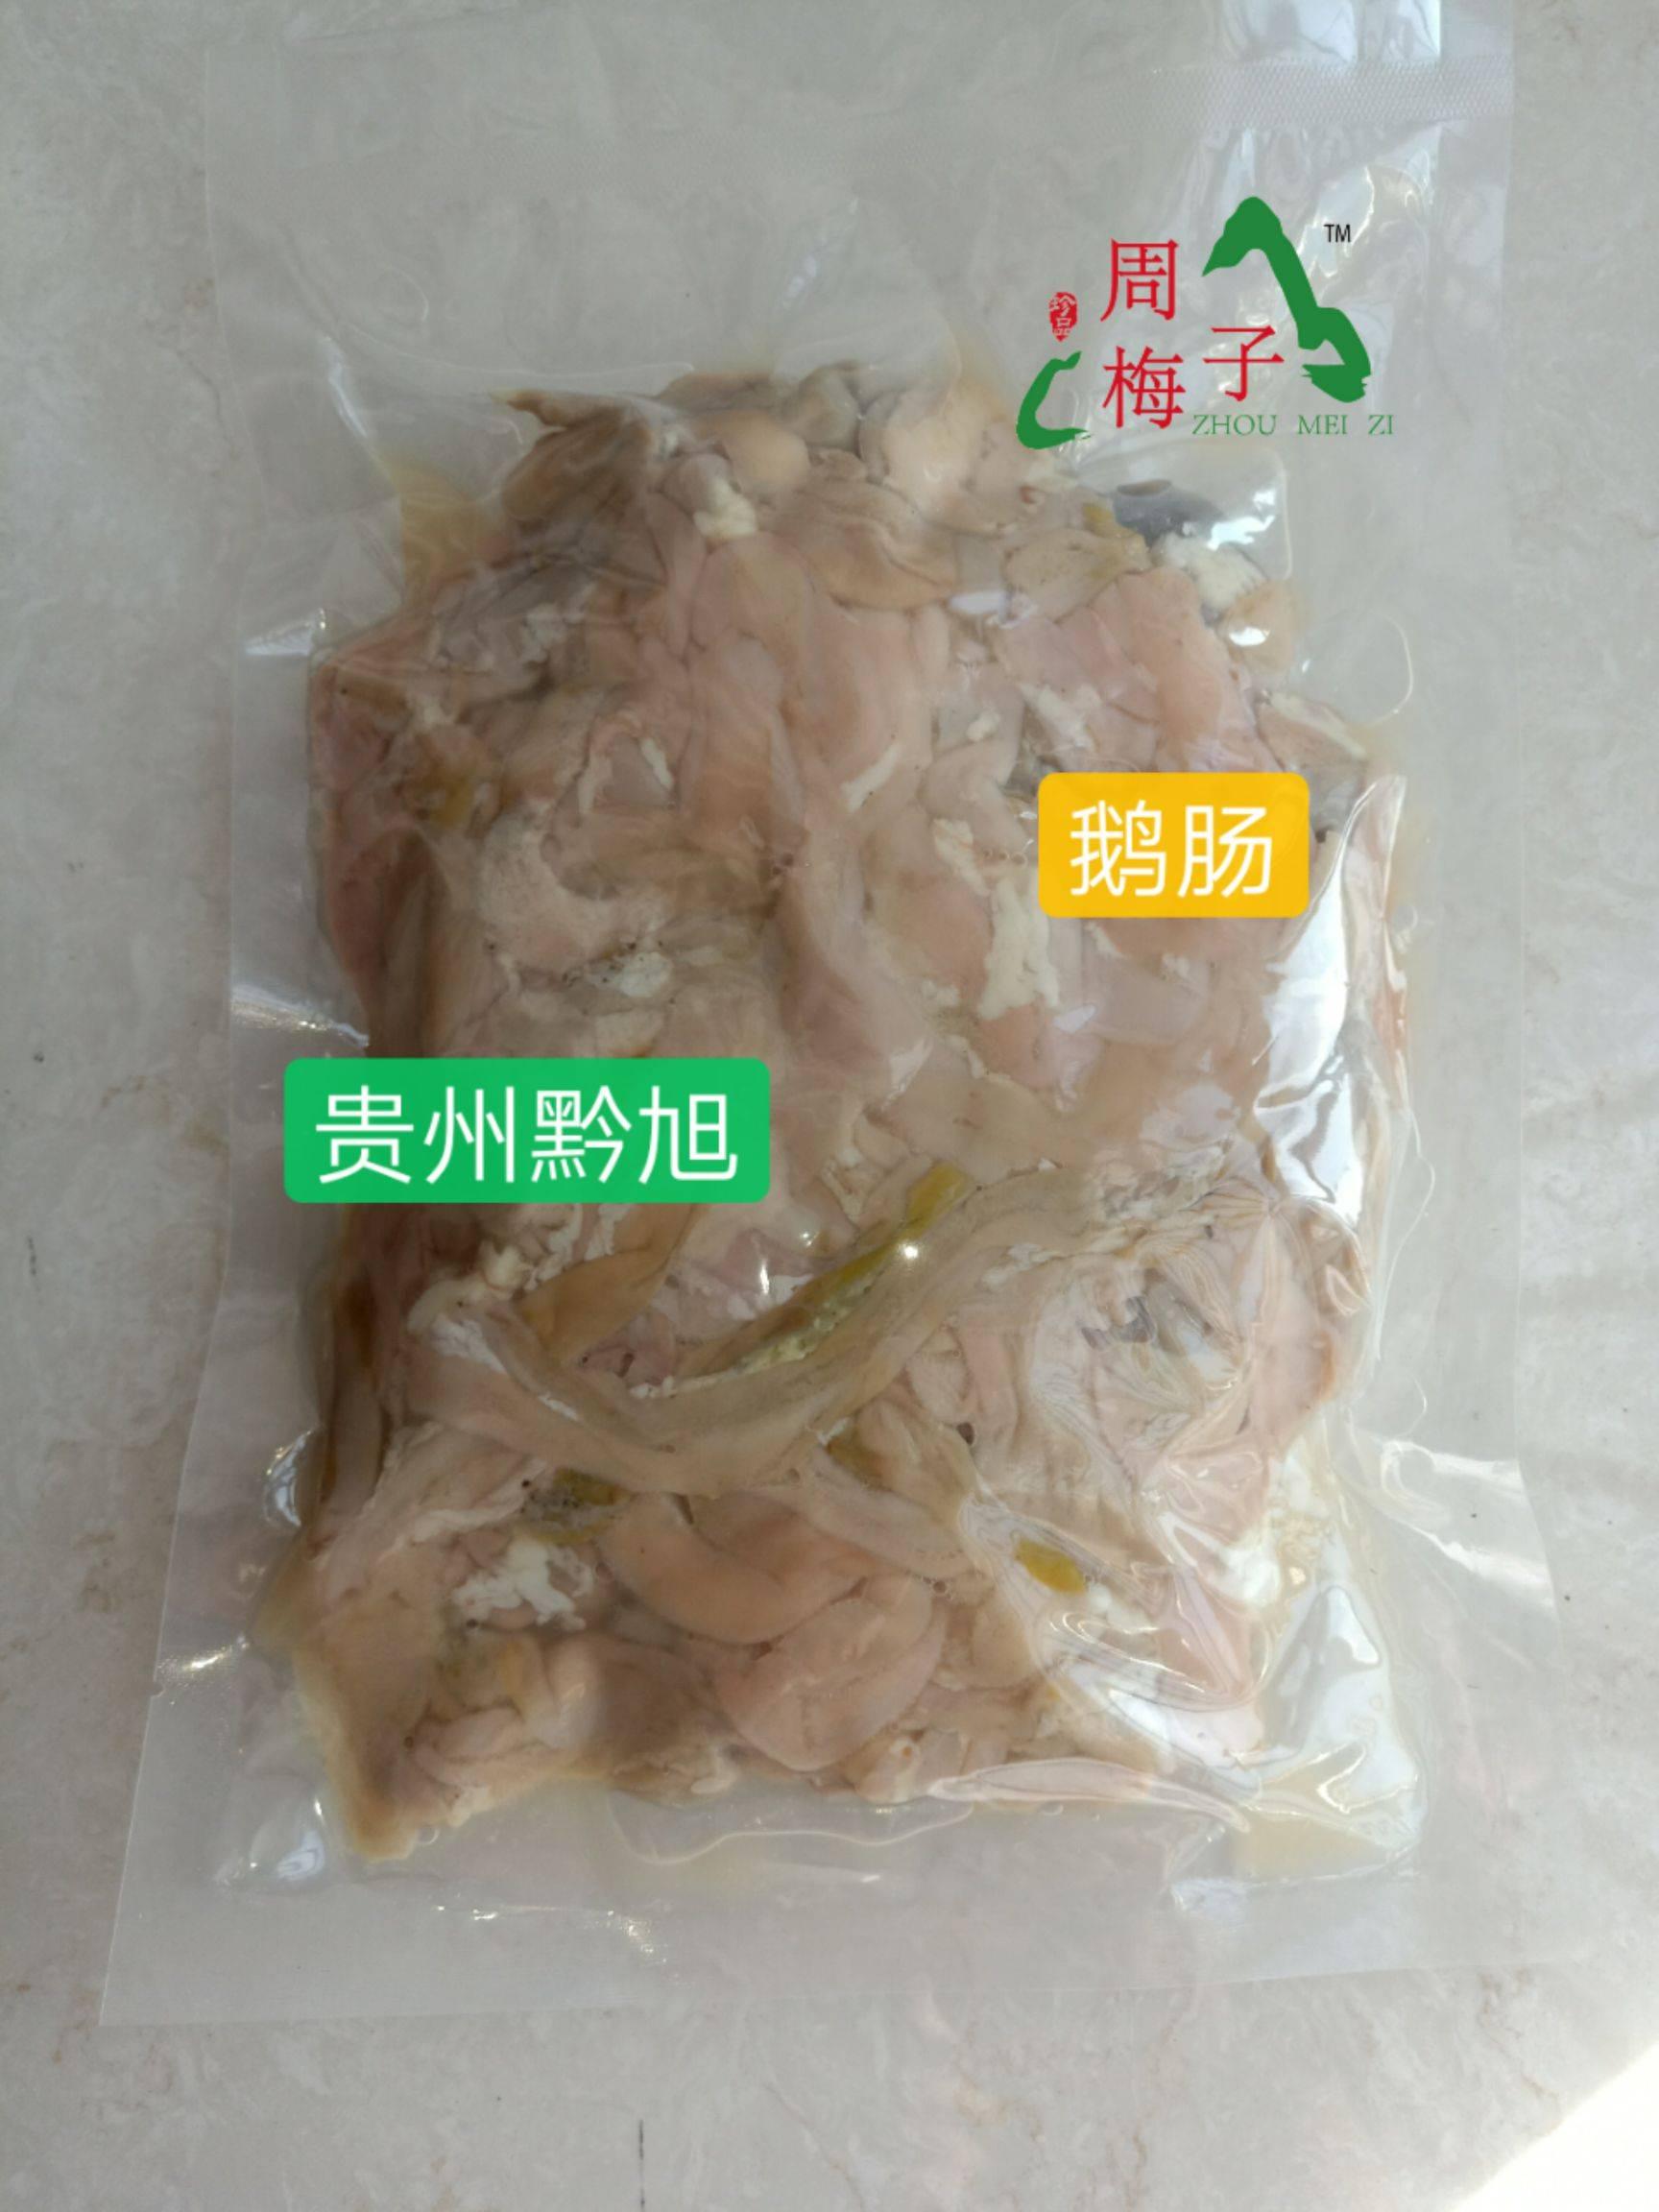 [鹅肠批发] 发酵牧草生态鹅肠价格47.5元/包